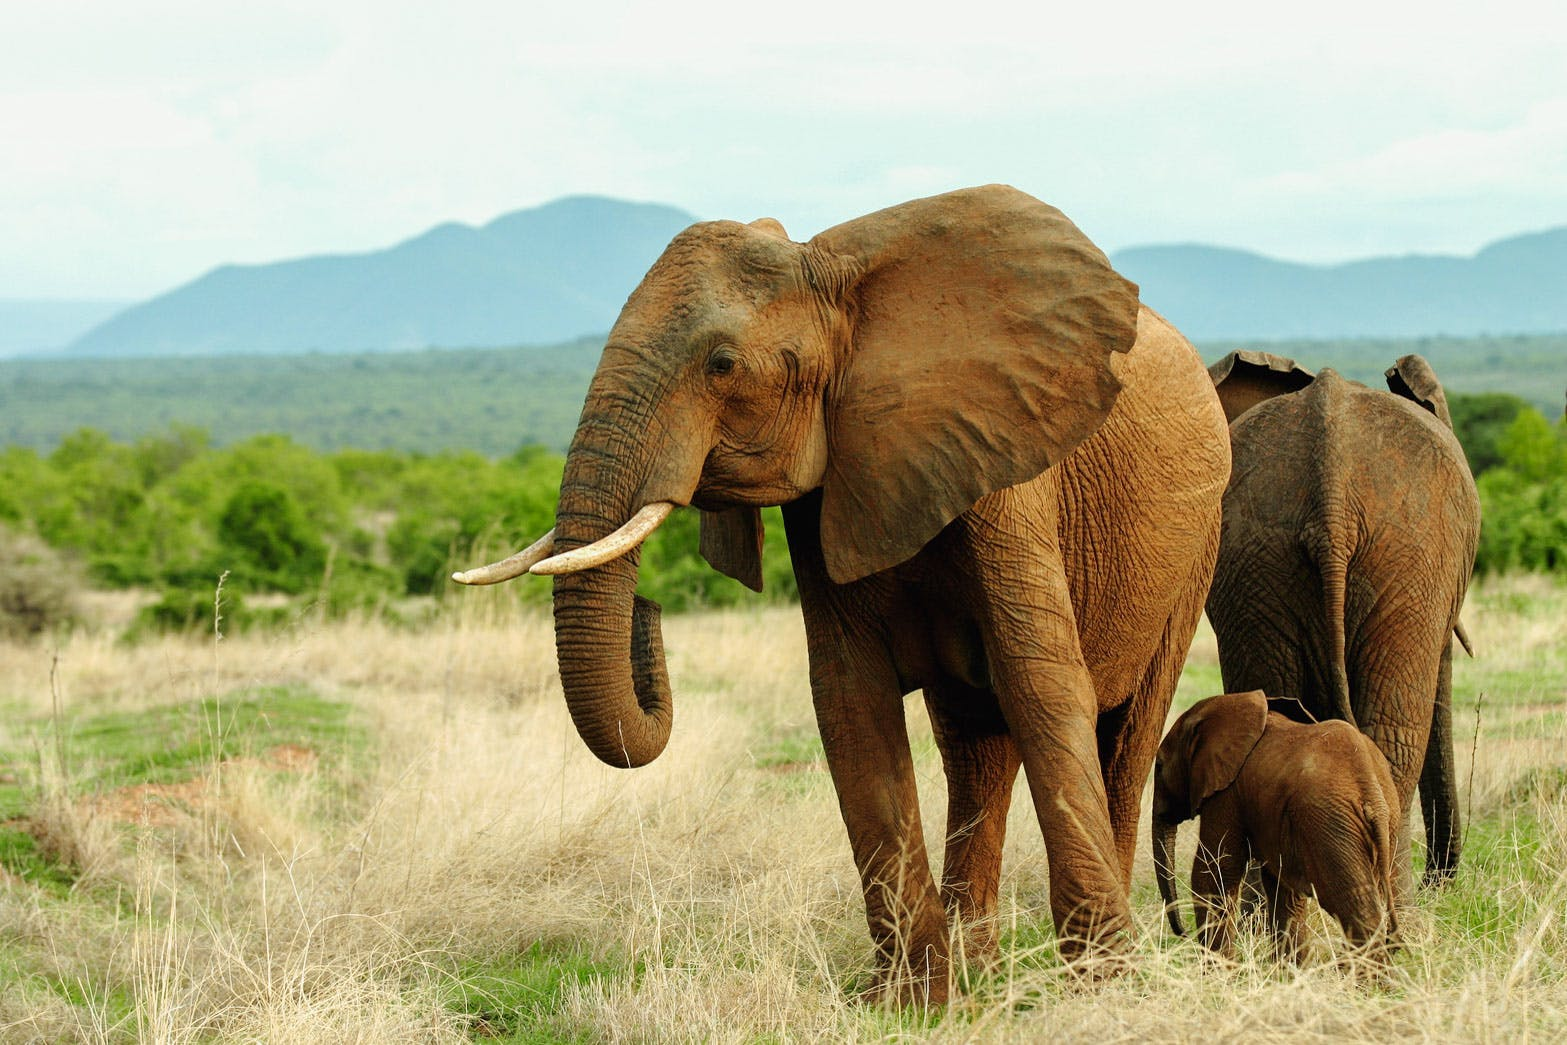 elephants-ruaha-tanzania-timbuktu-travel